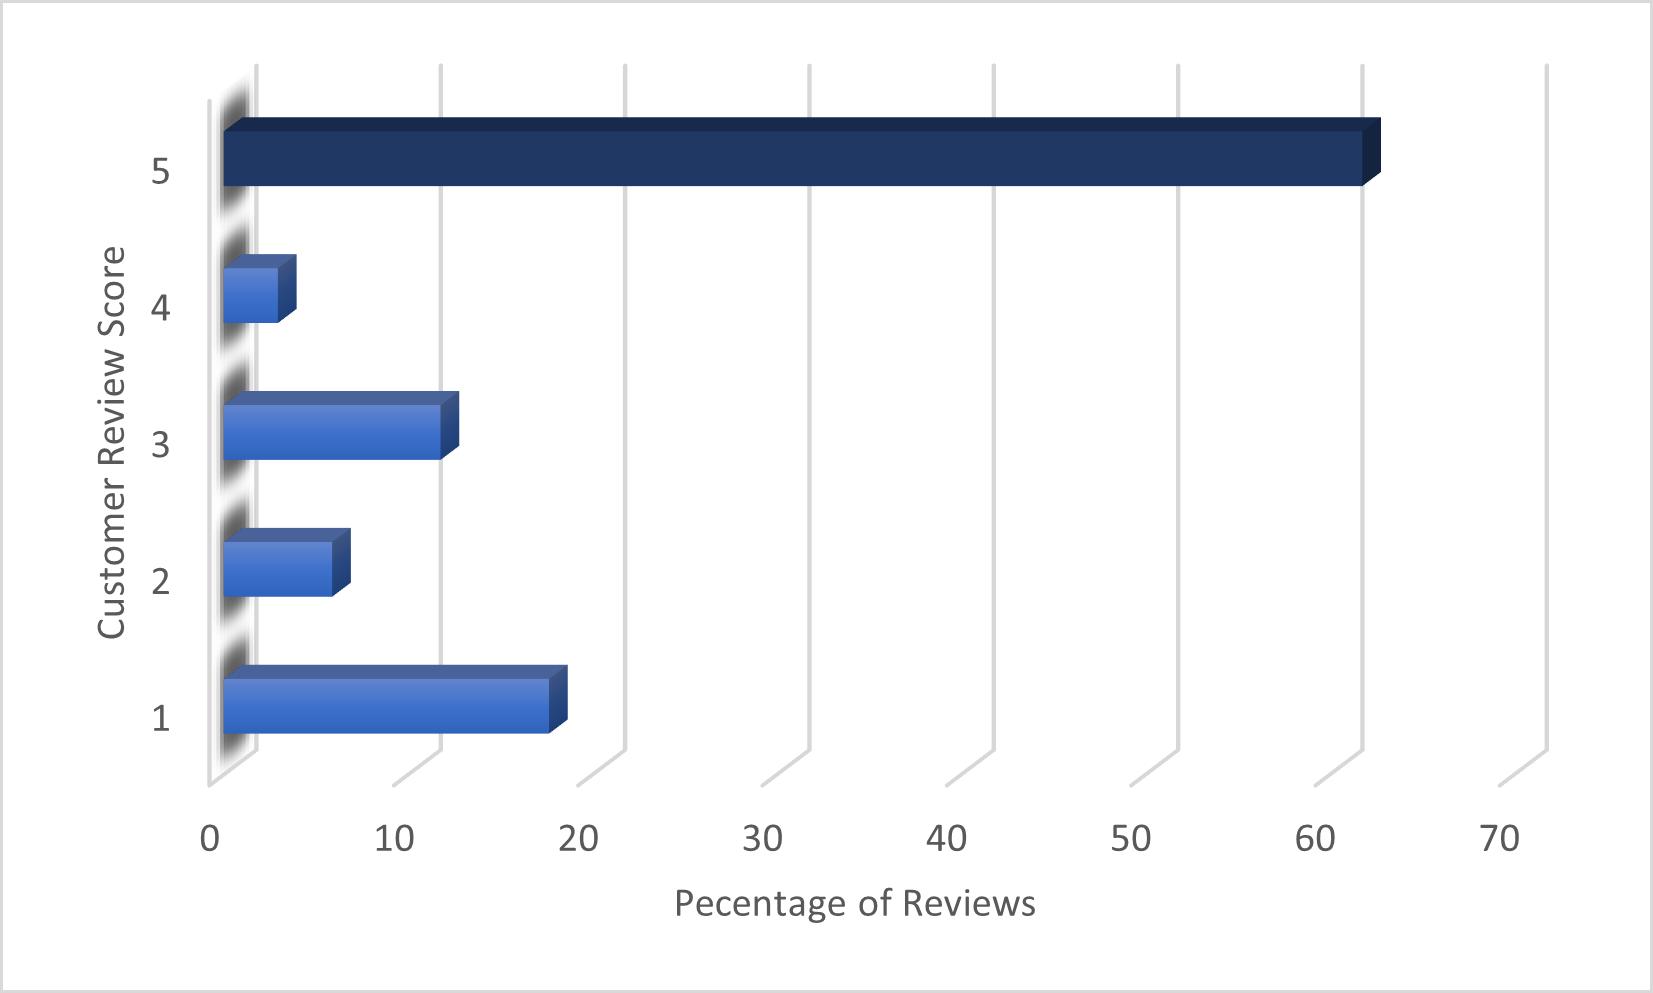 SweatStop Forte Max Review Scores